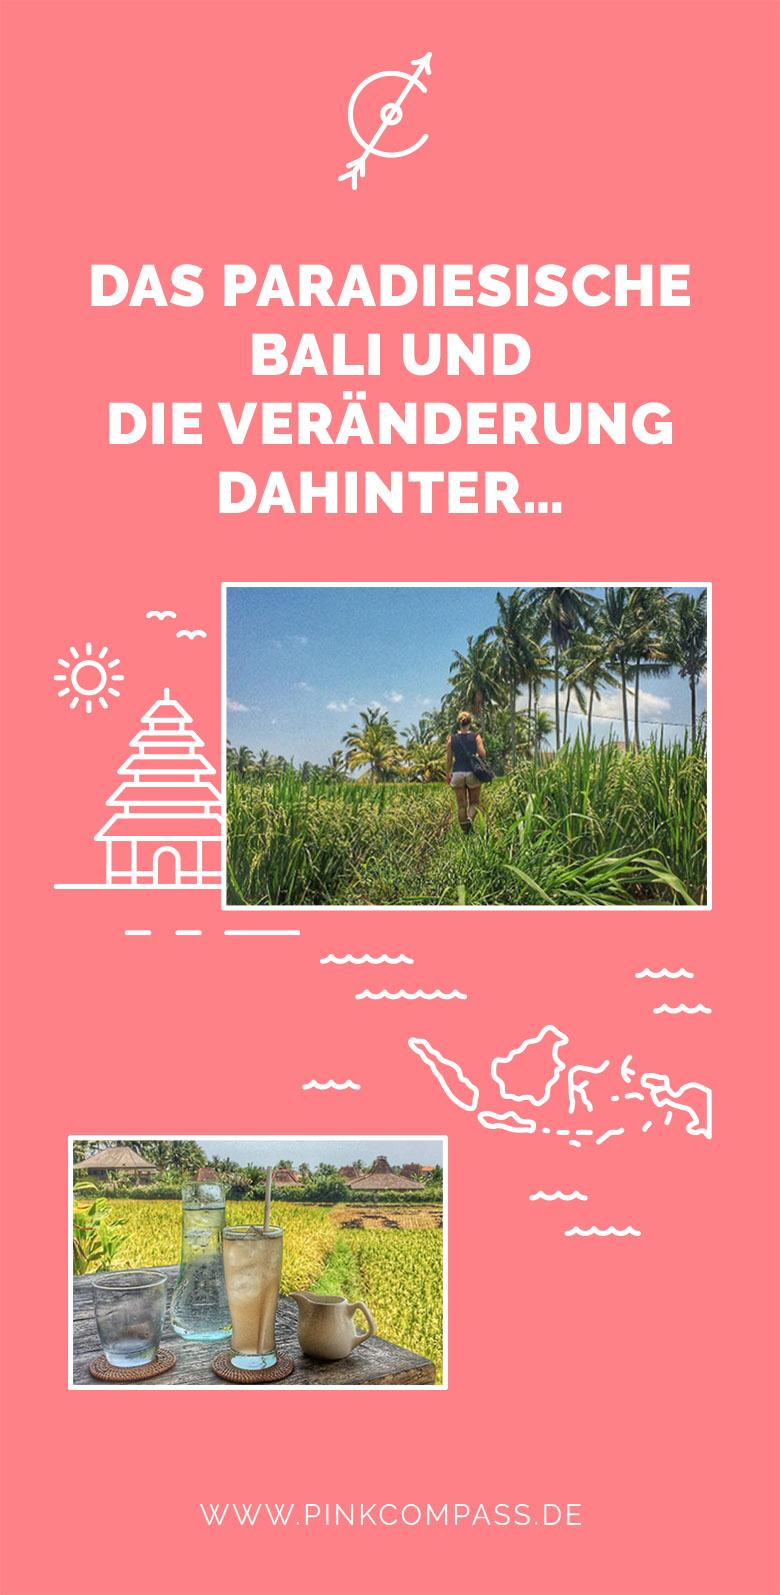 Paradies Bali und die Veränderung dahinter